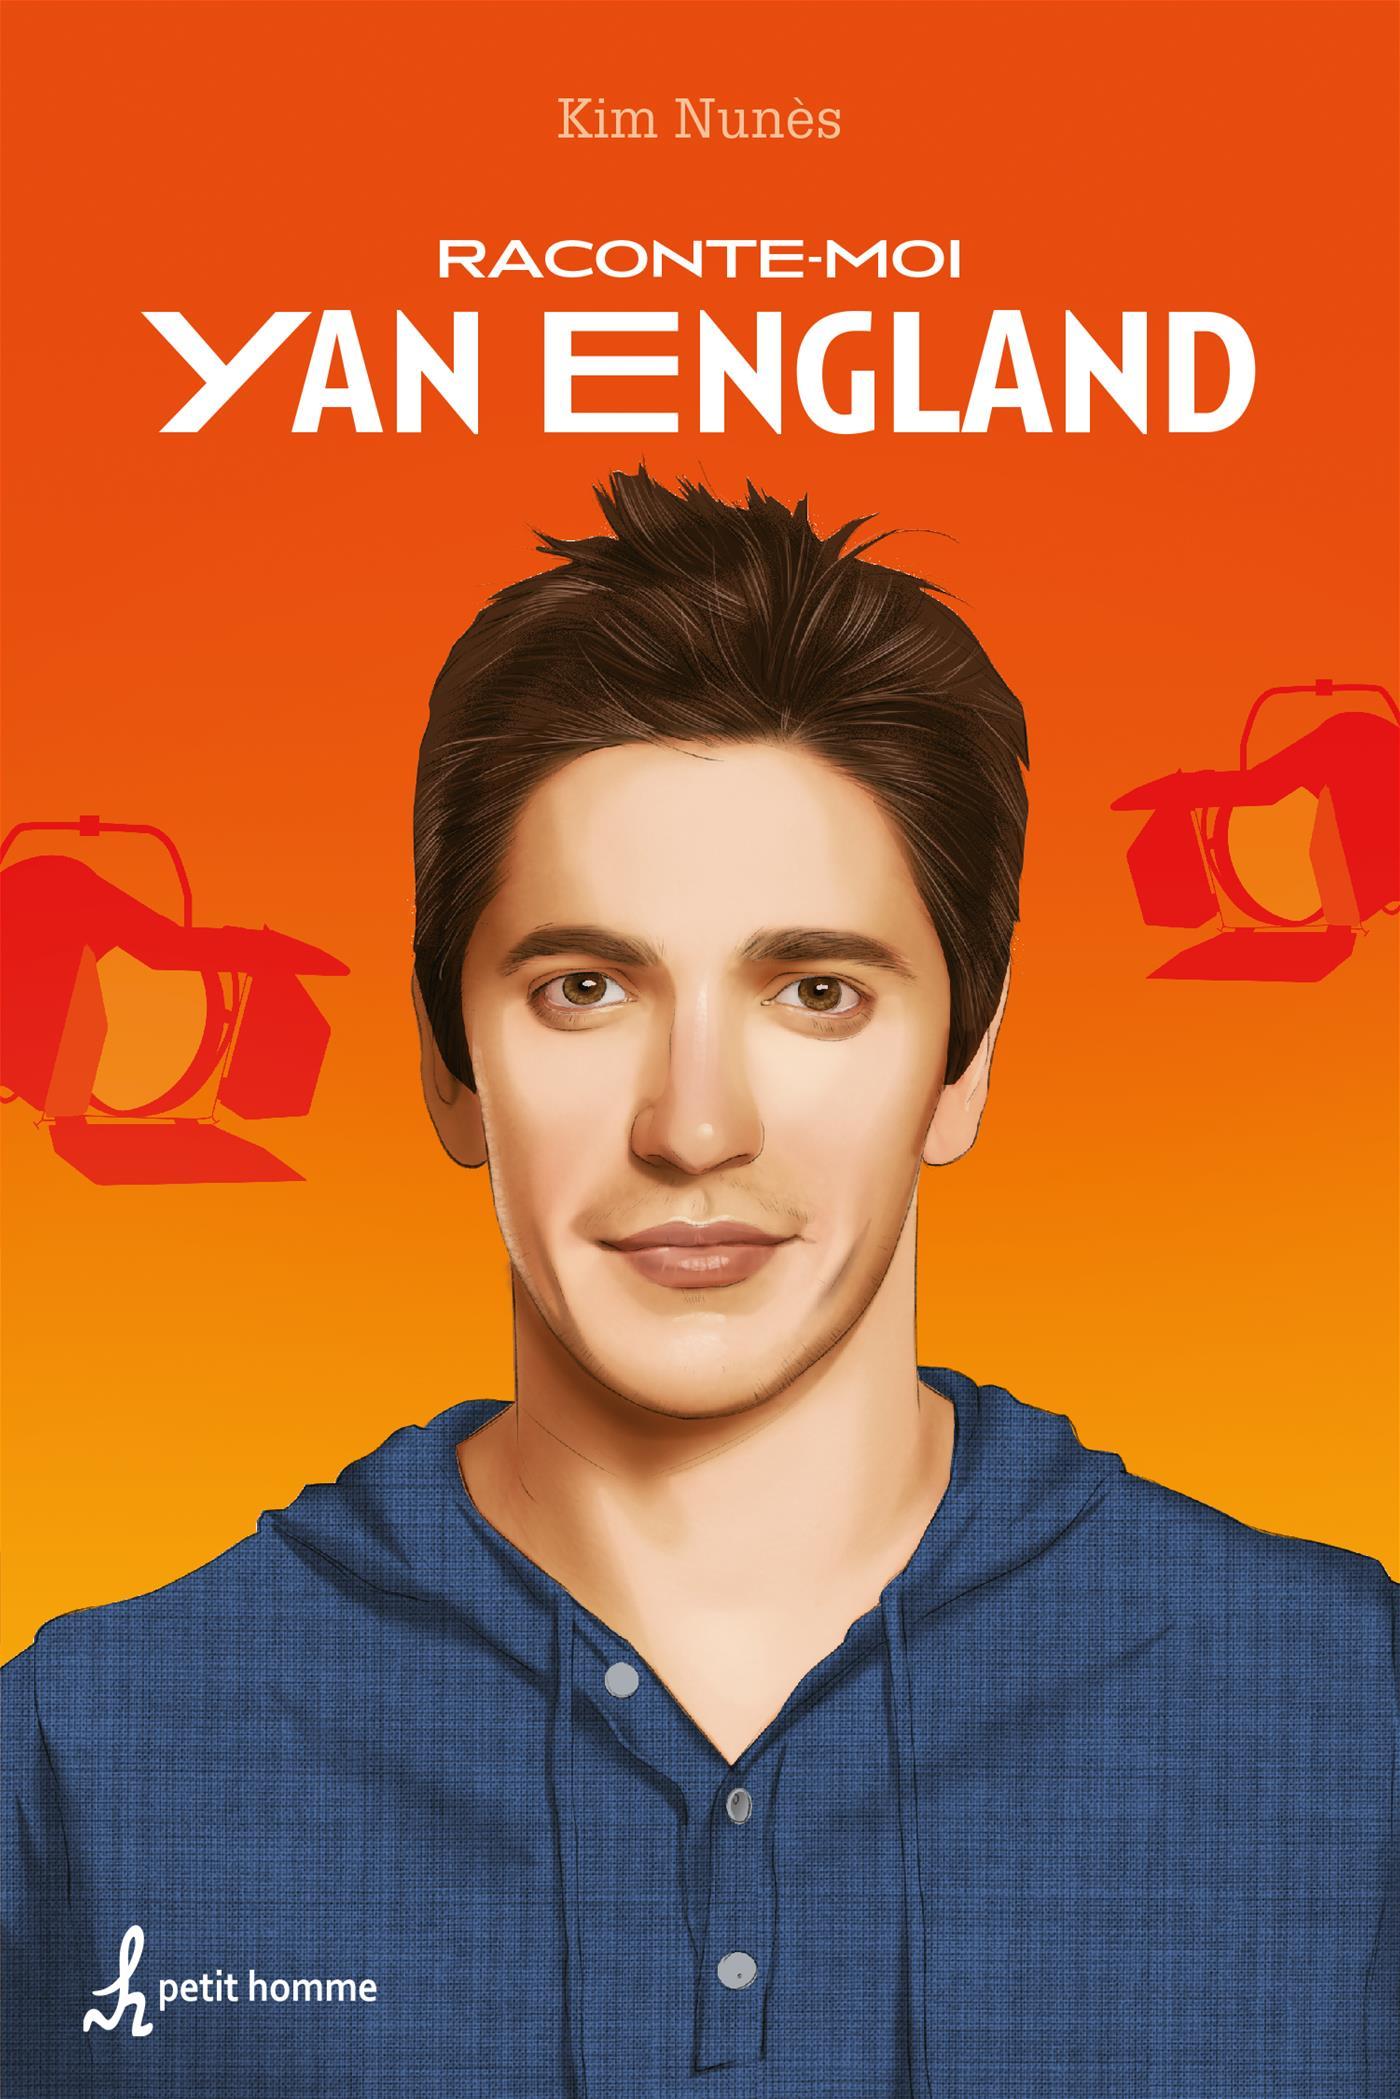 Raconte-moi Yan England